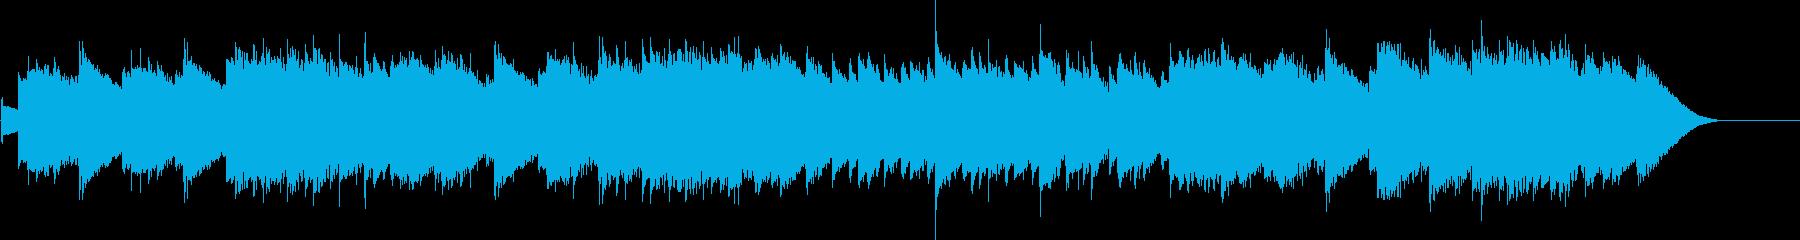 ホラー 短調のクラシック1(オルゴール)の再生済みの波形